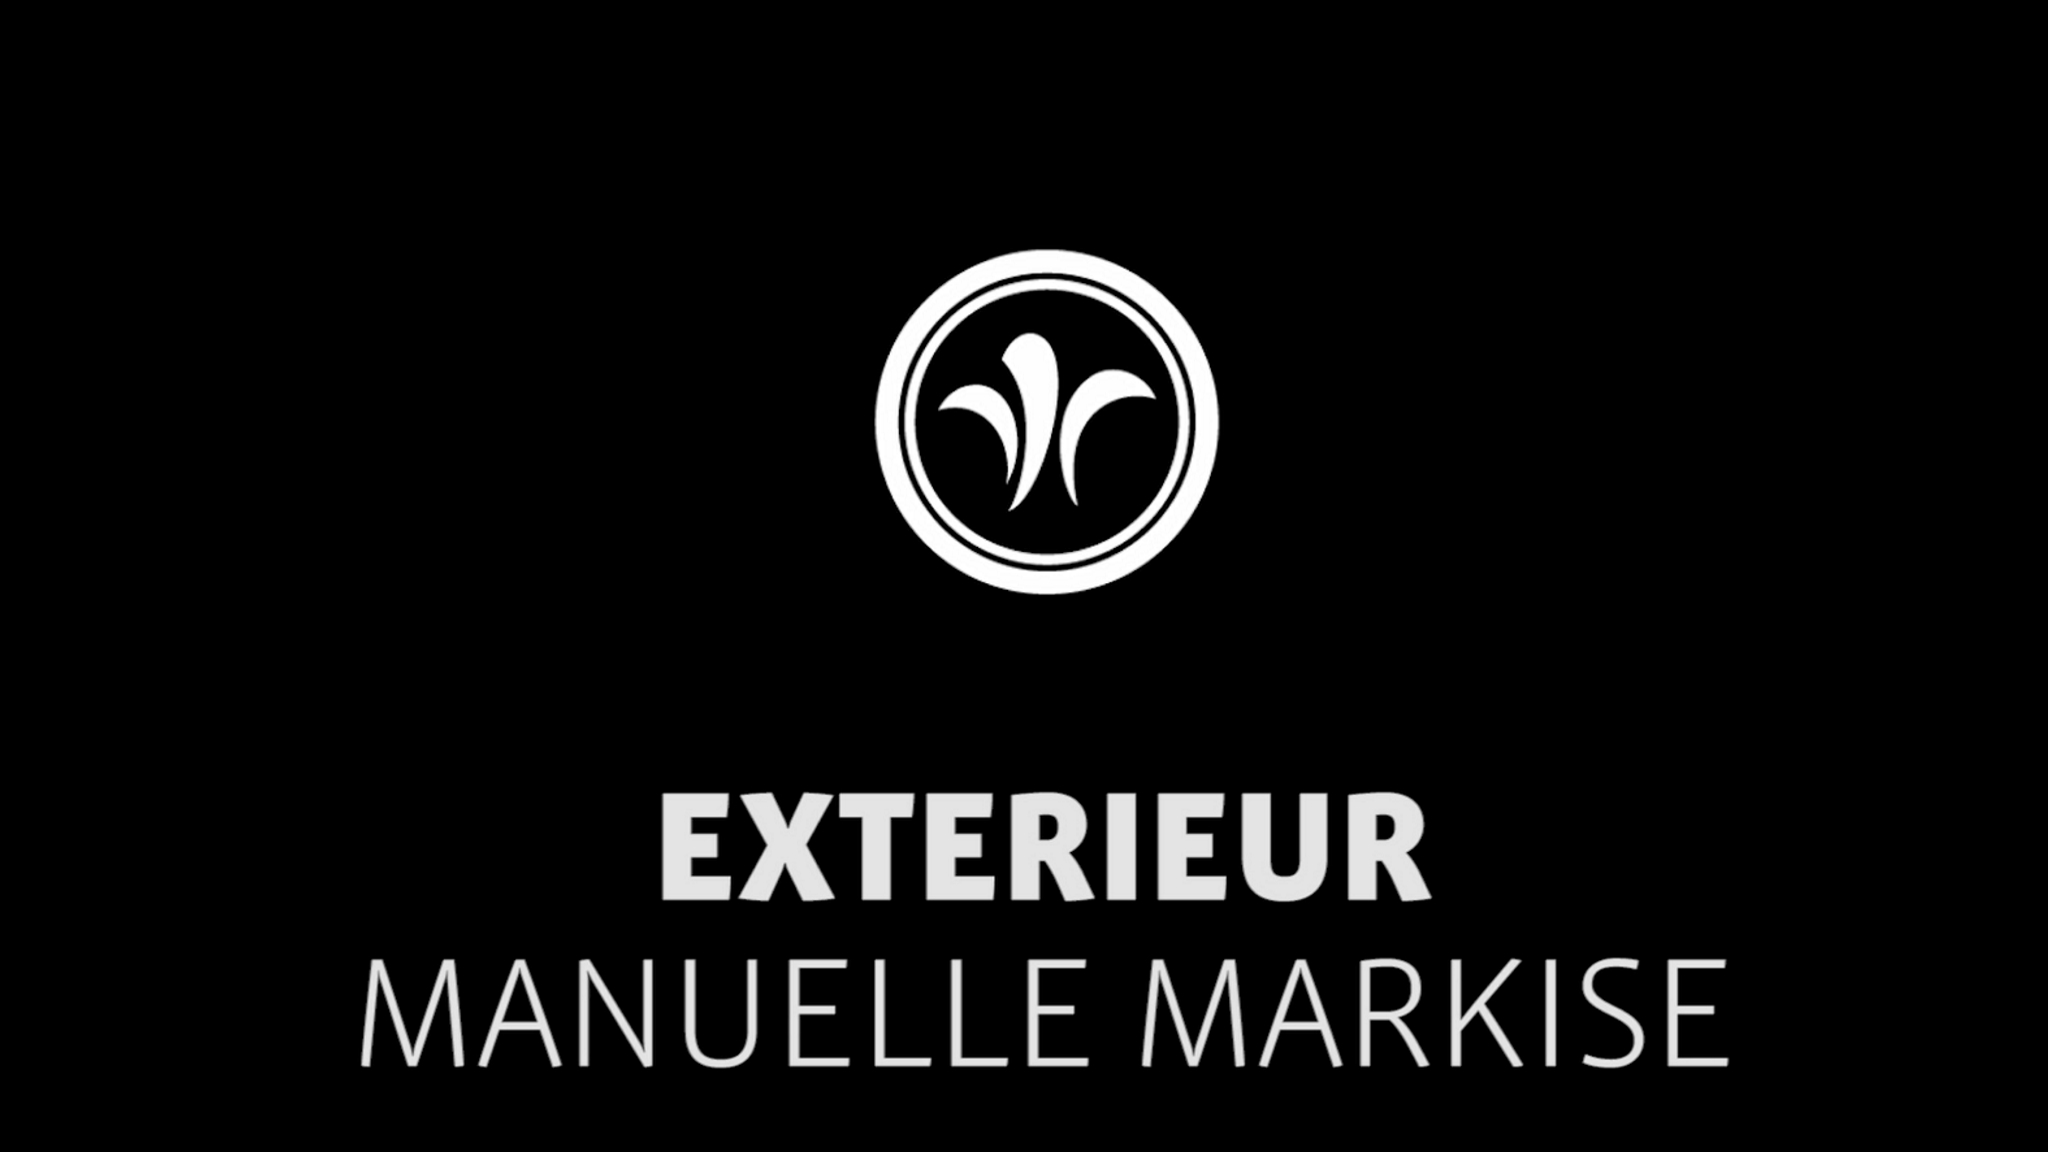 Wohnmobil Manuelle Markise // Niesmann+Bischoff – Luxus Wohnmobil (Modell FLAIR) // 2019 // EX6